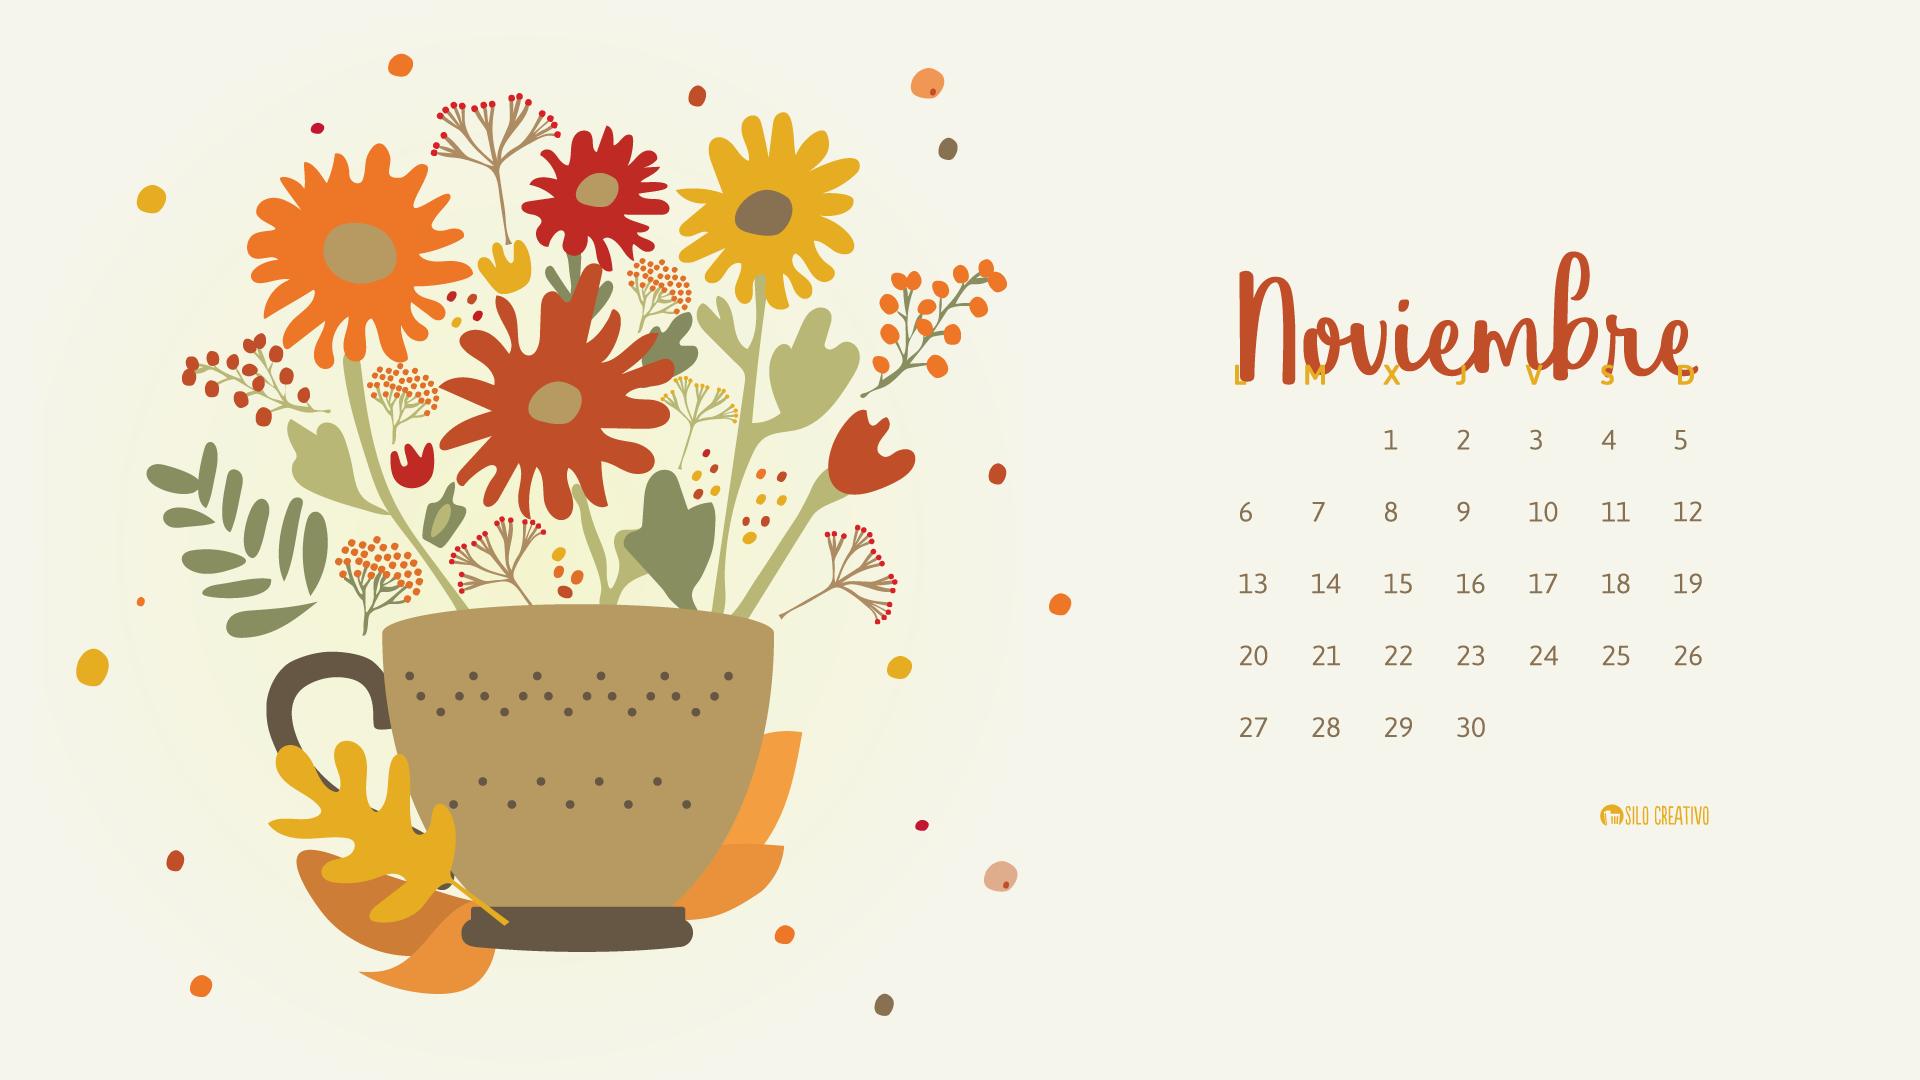 Calendario Descargable: Noviembre 2017 • Silo Creativo